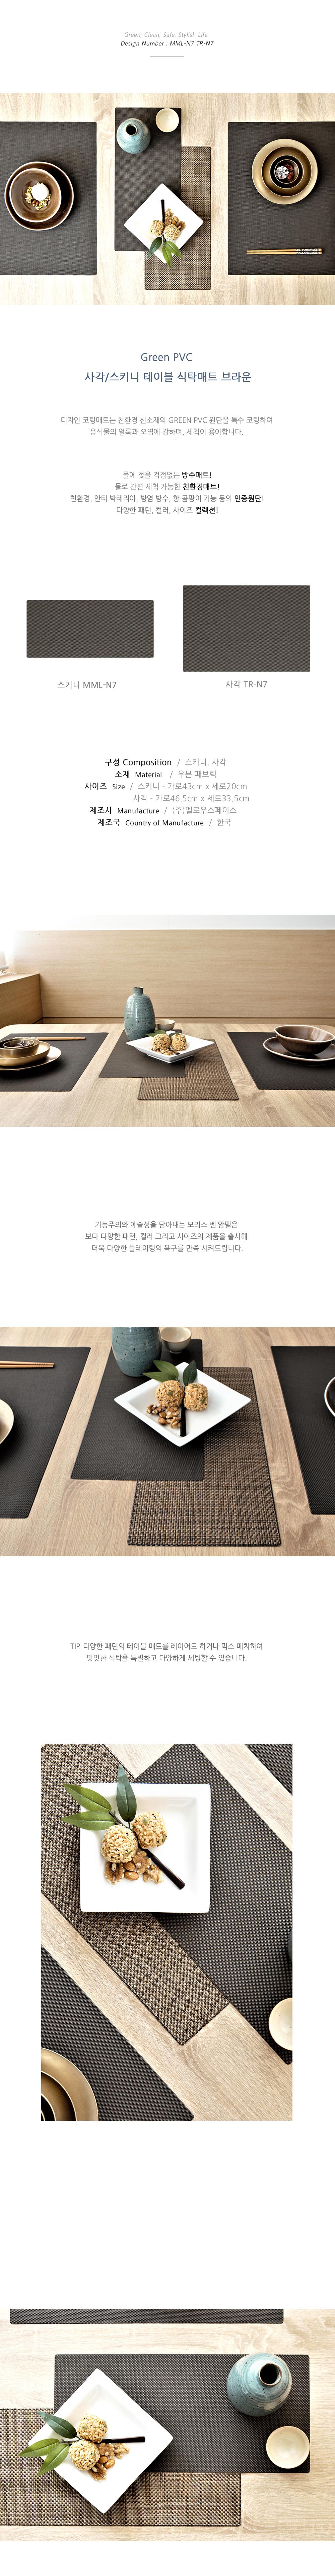 우븐패브릭 테이블 식탁 매트 브라운 - 모리스벤암펠, 10,000원, 식탁, 식탁매트